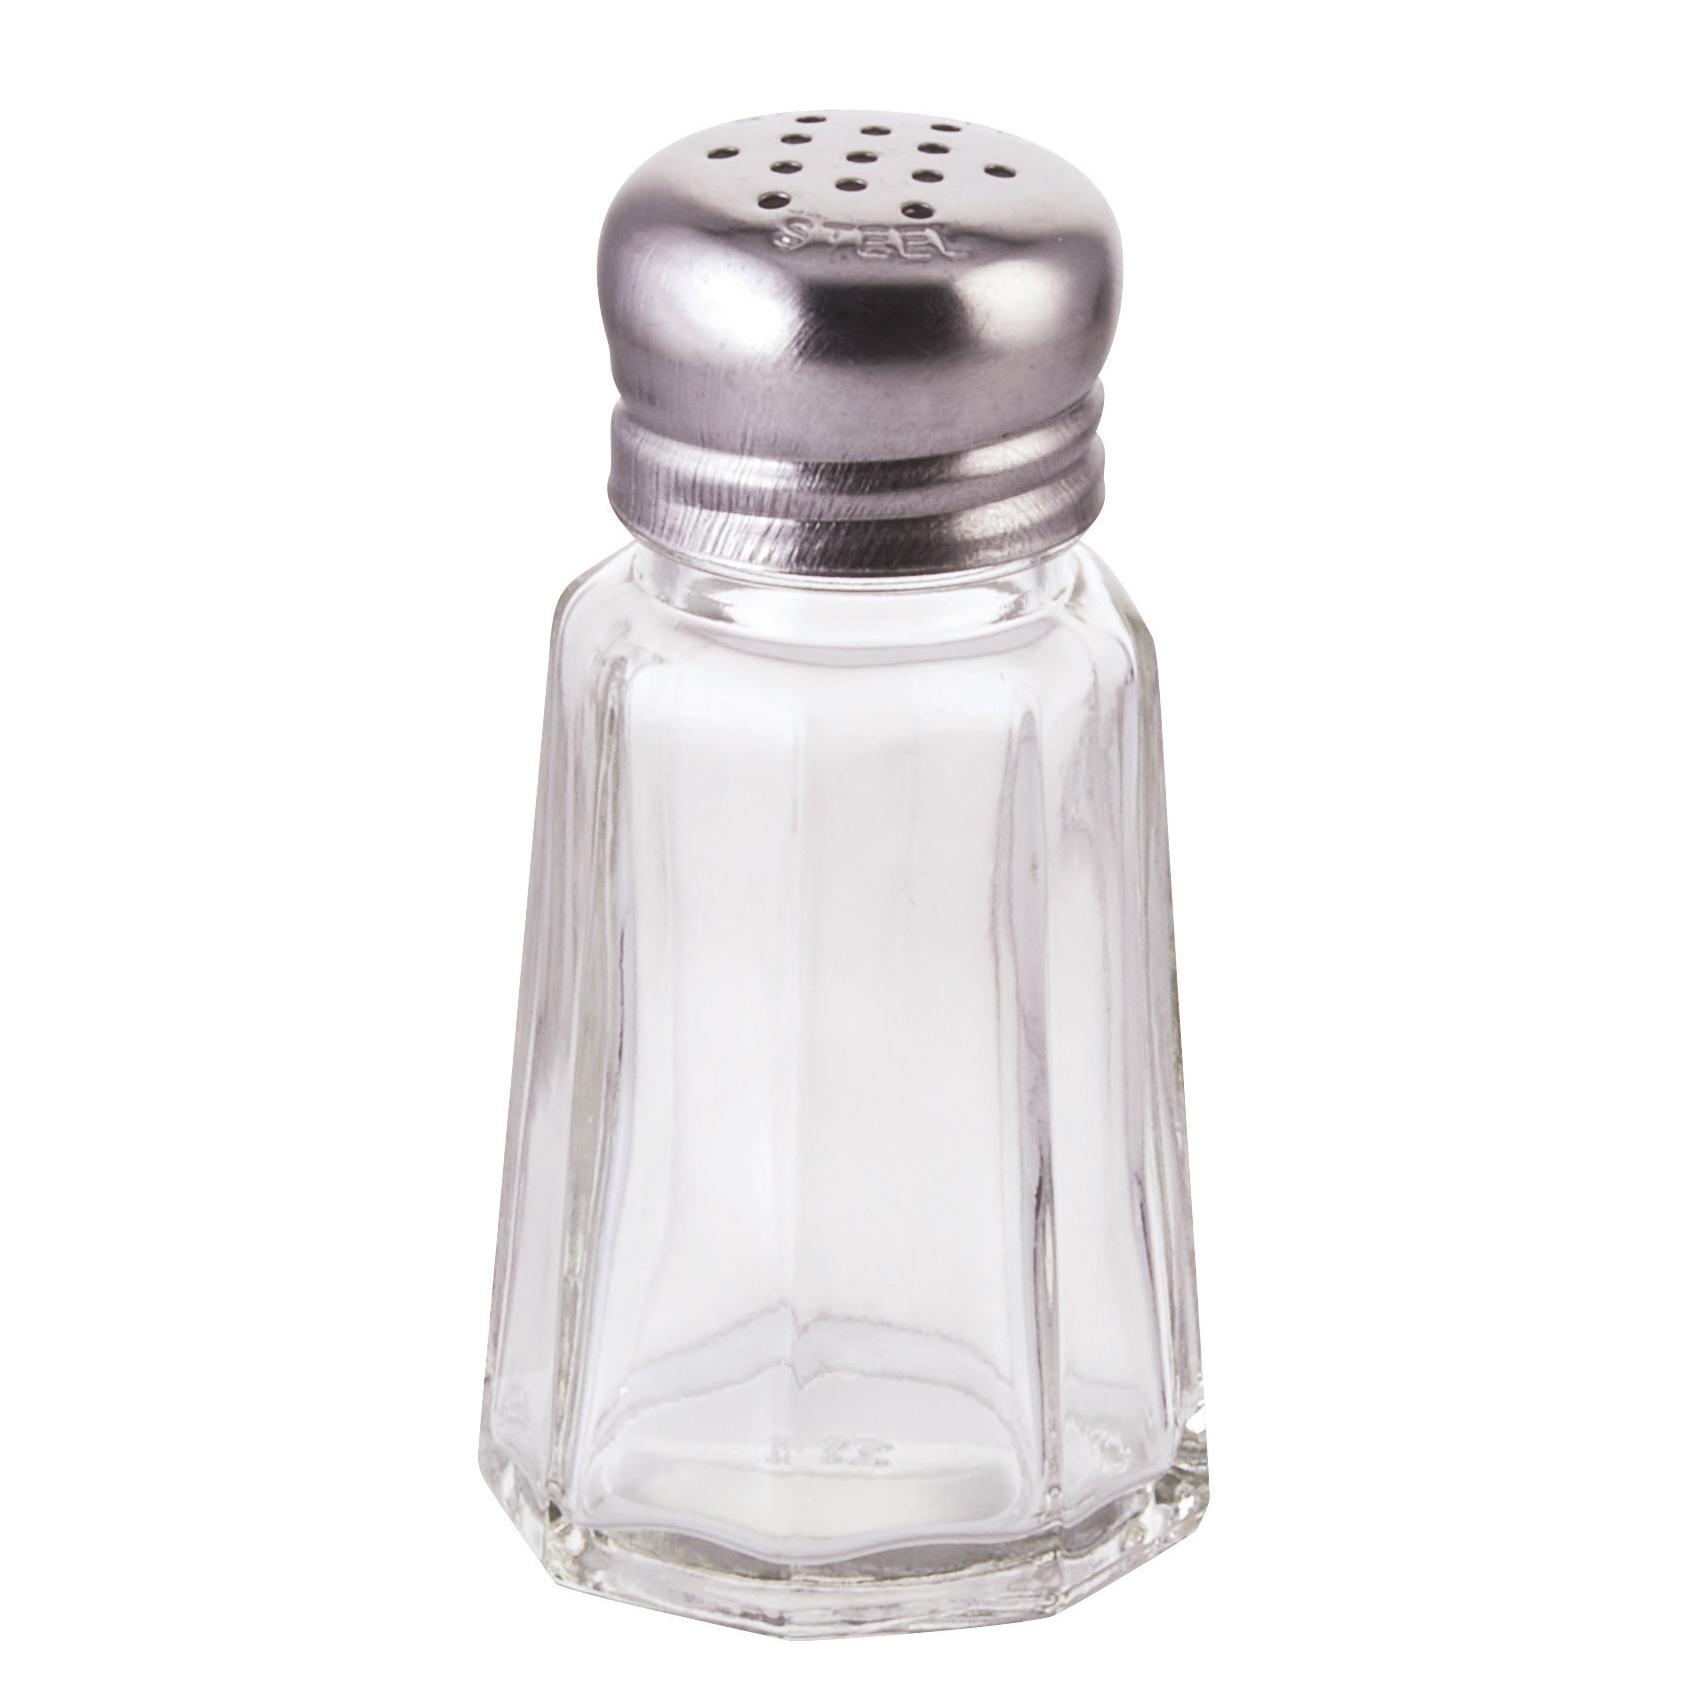 3105-151 Winco G-105 salt / pepper shaker